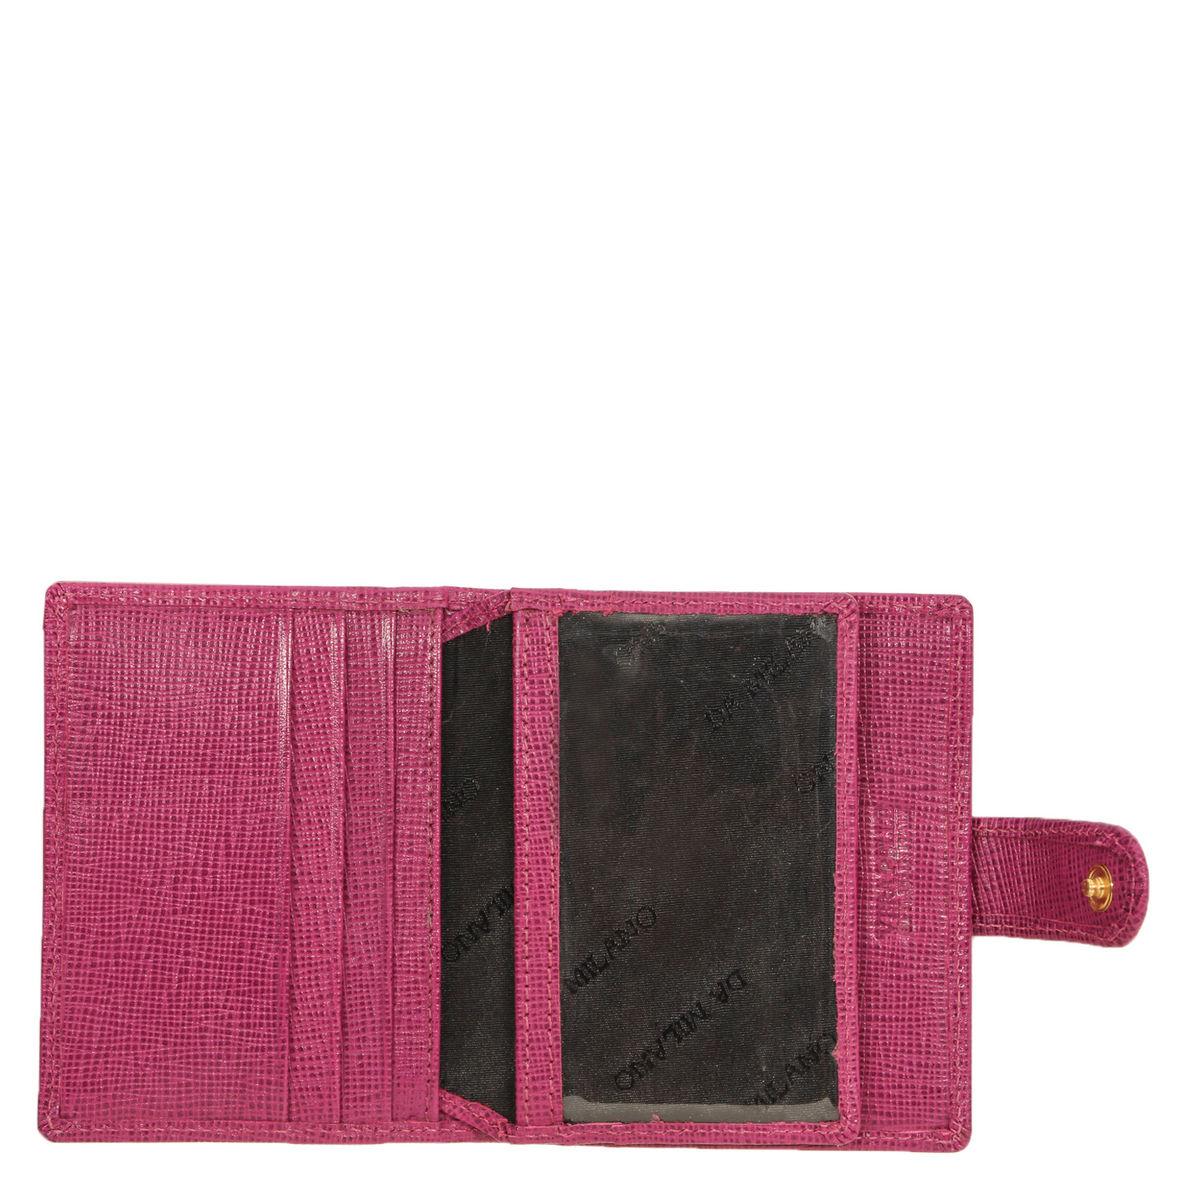 Da Milano Purple Card Case Ca 0090purplesaffiano